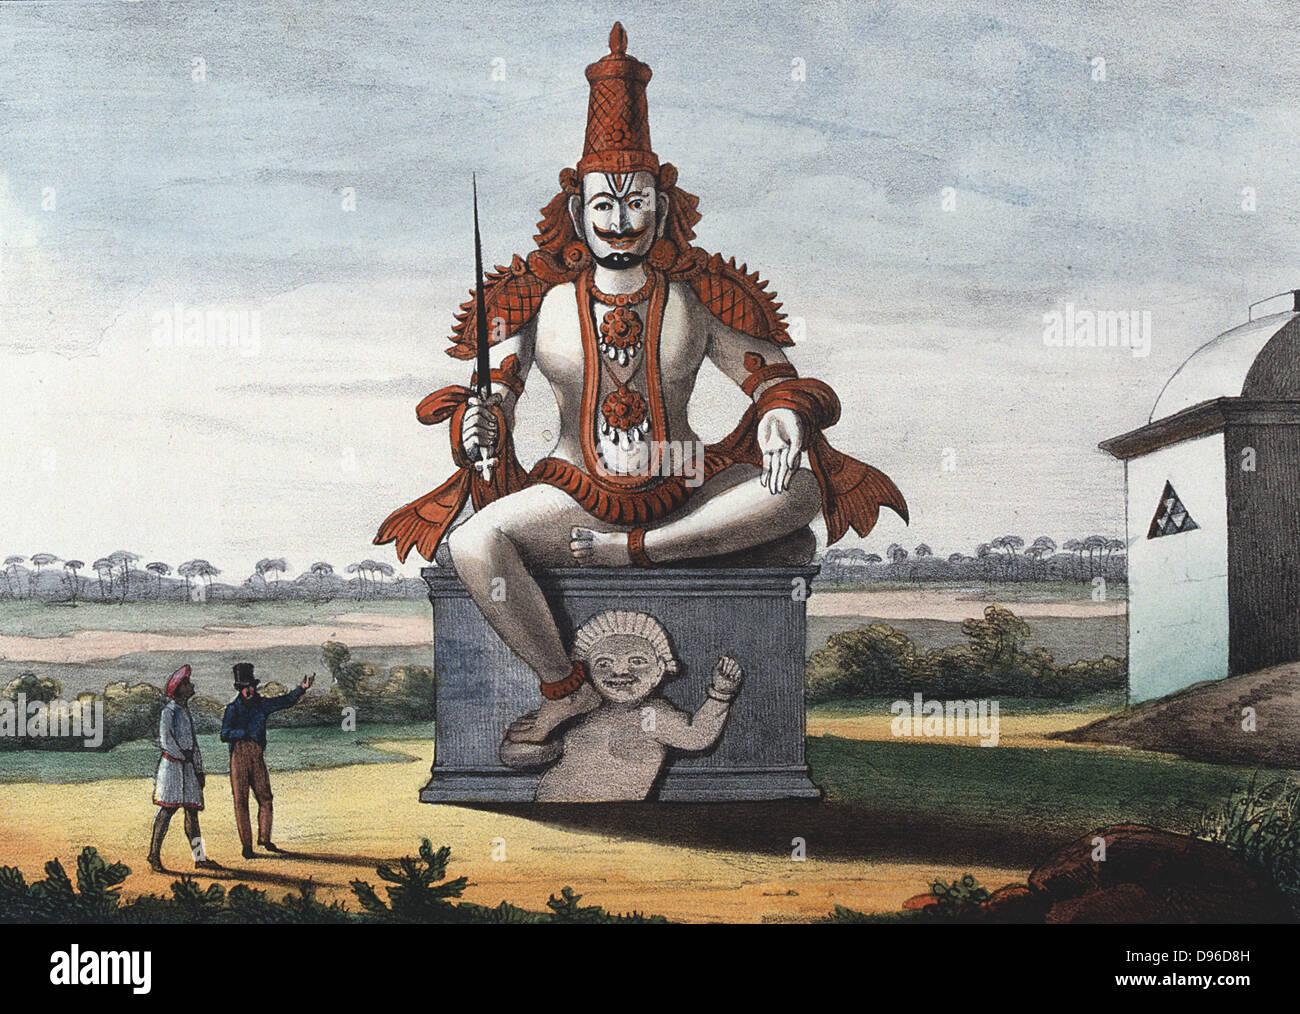 """Statue von einem Hindu bösen Dschinn. Farbige Lithographie von """"L'Inde Francaise"""", 1828 Stockbild"""